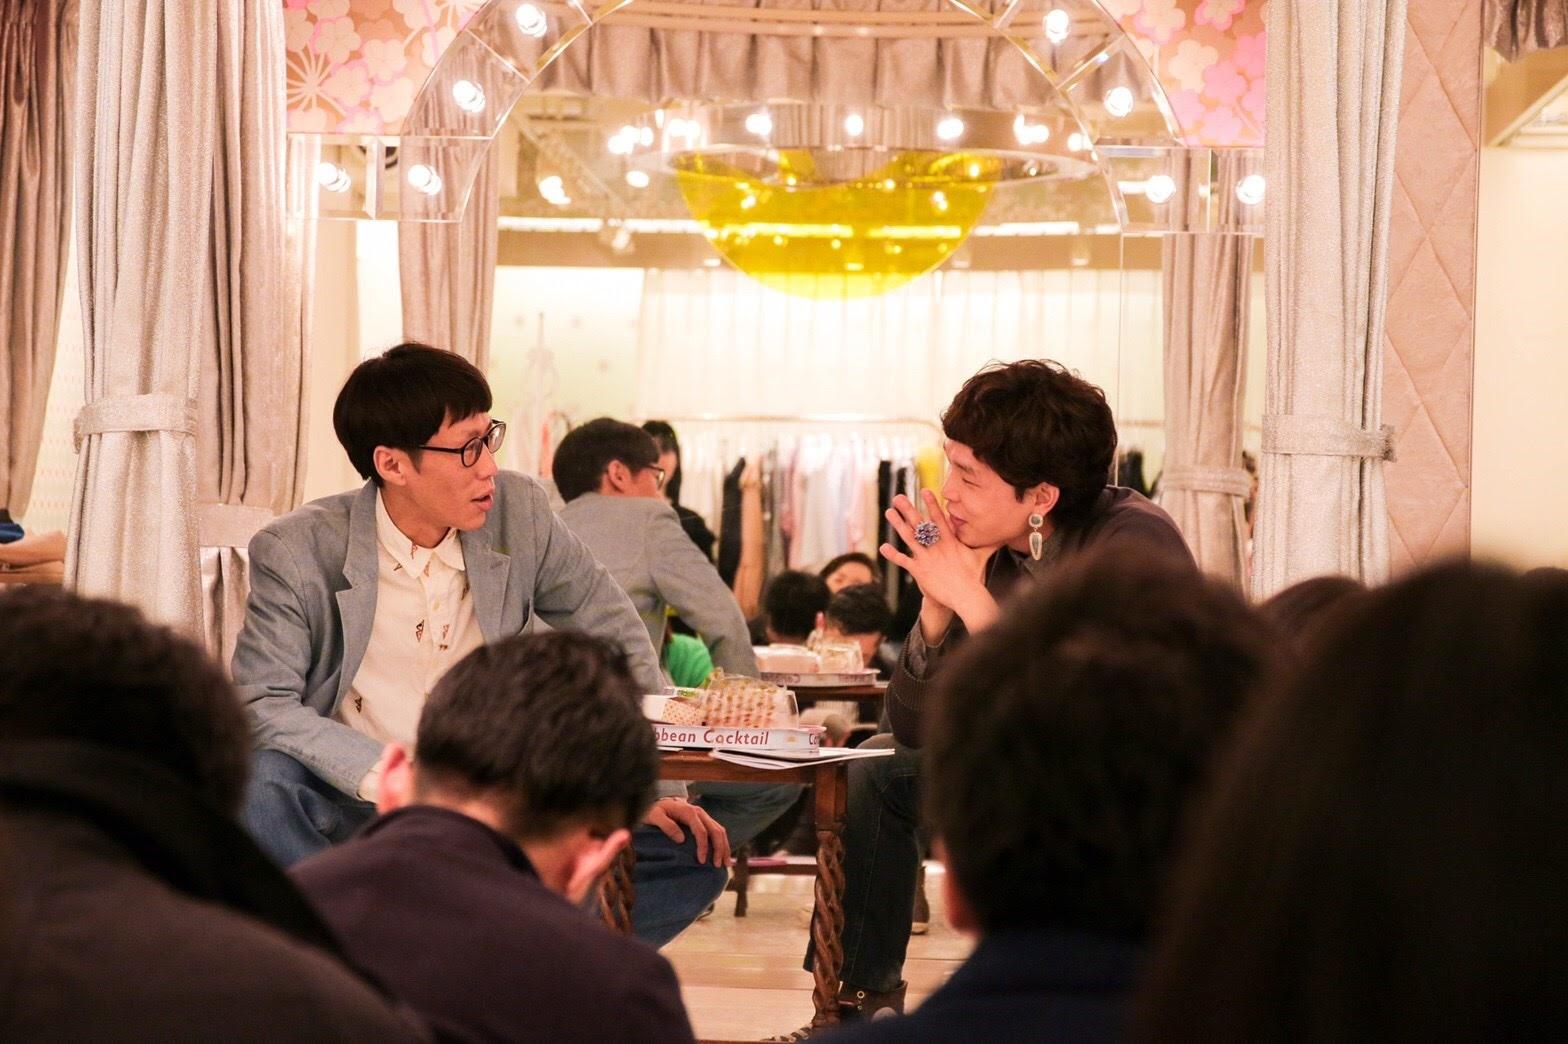 東京不道徳批評#5